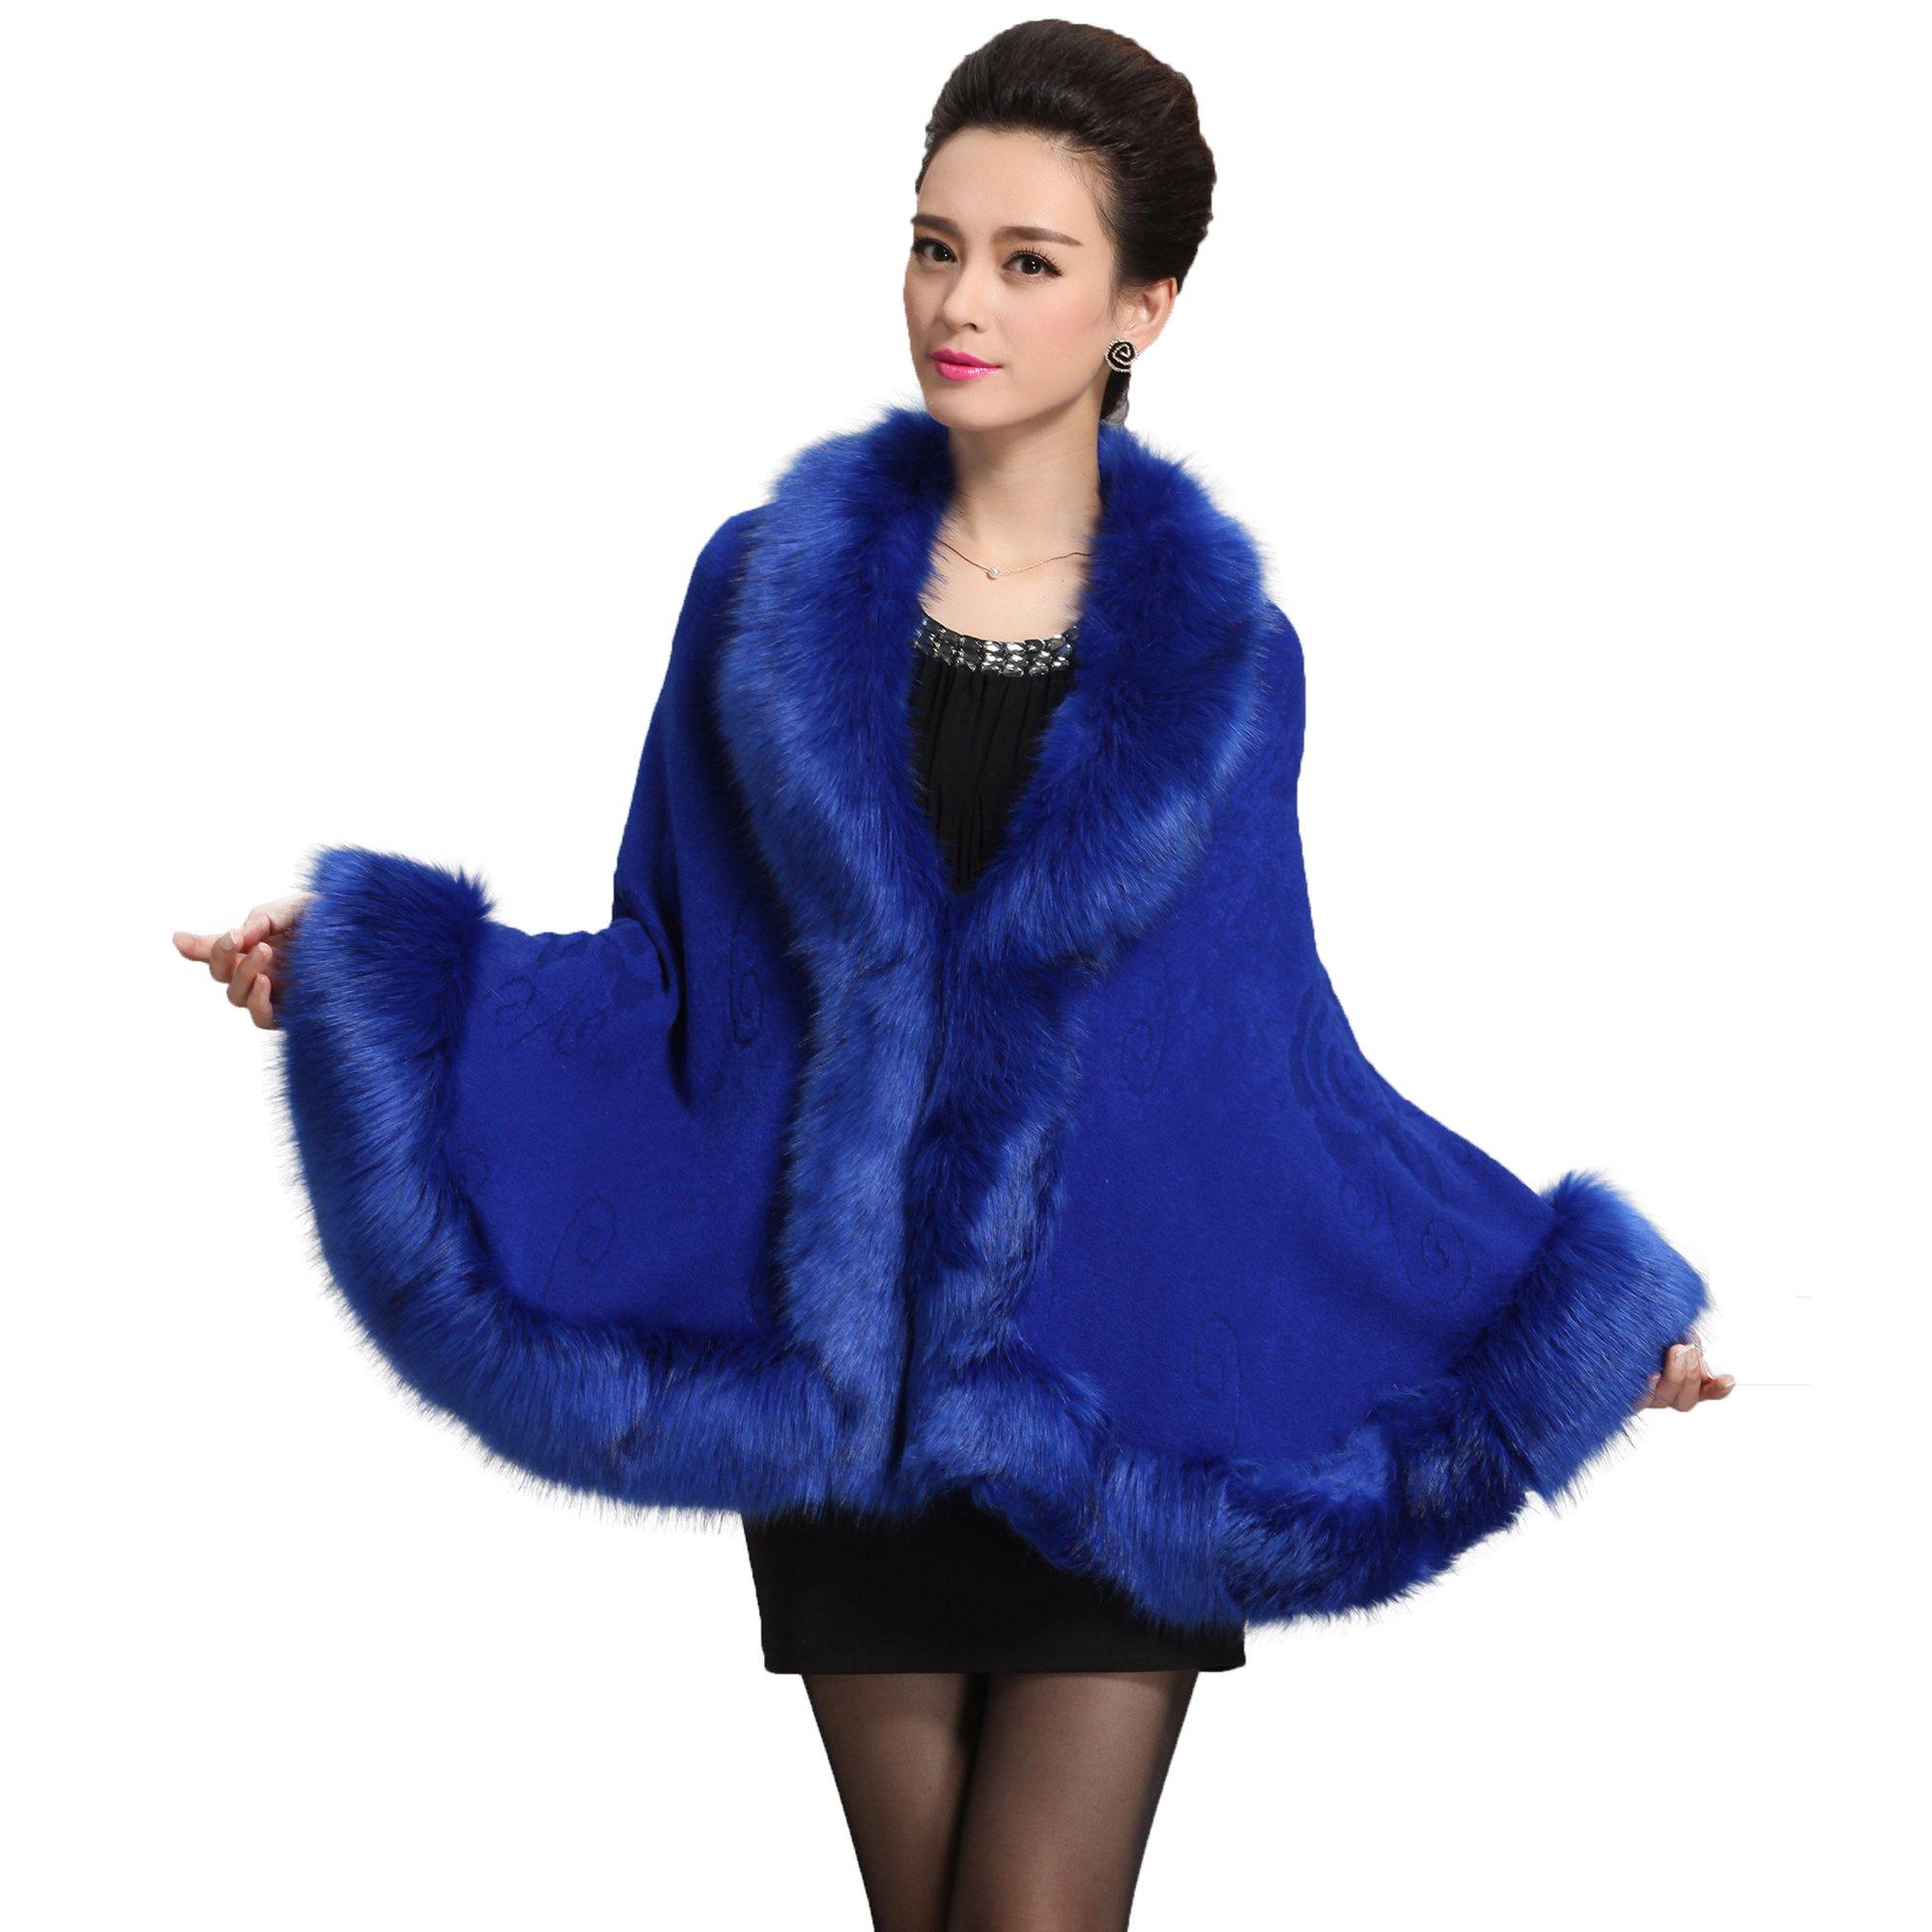 f353f5e7f4f Caracilia Women Bridal Faux Fur Shawl Wraps Cloak Coat Sweater Royal Blue